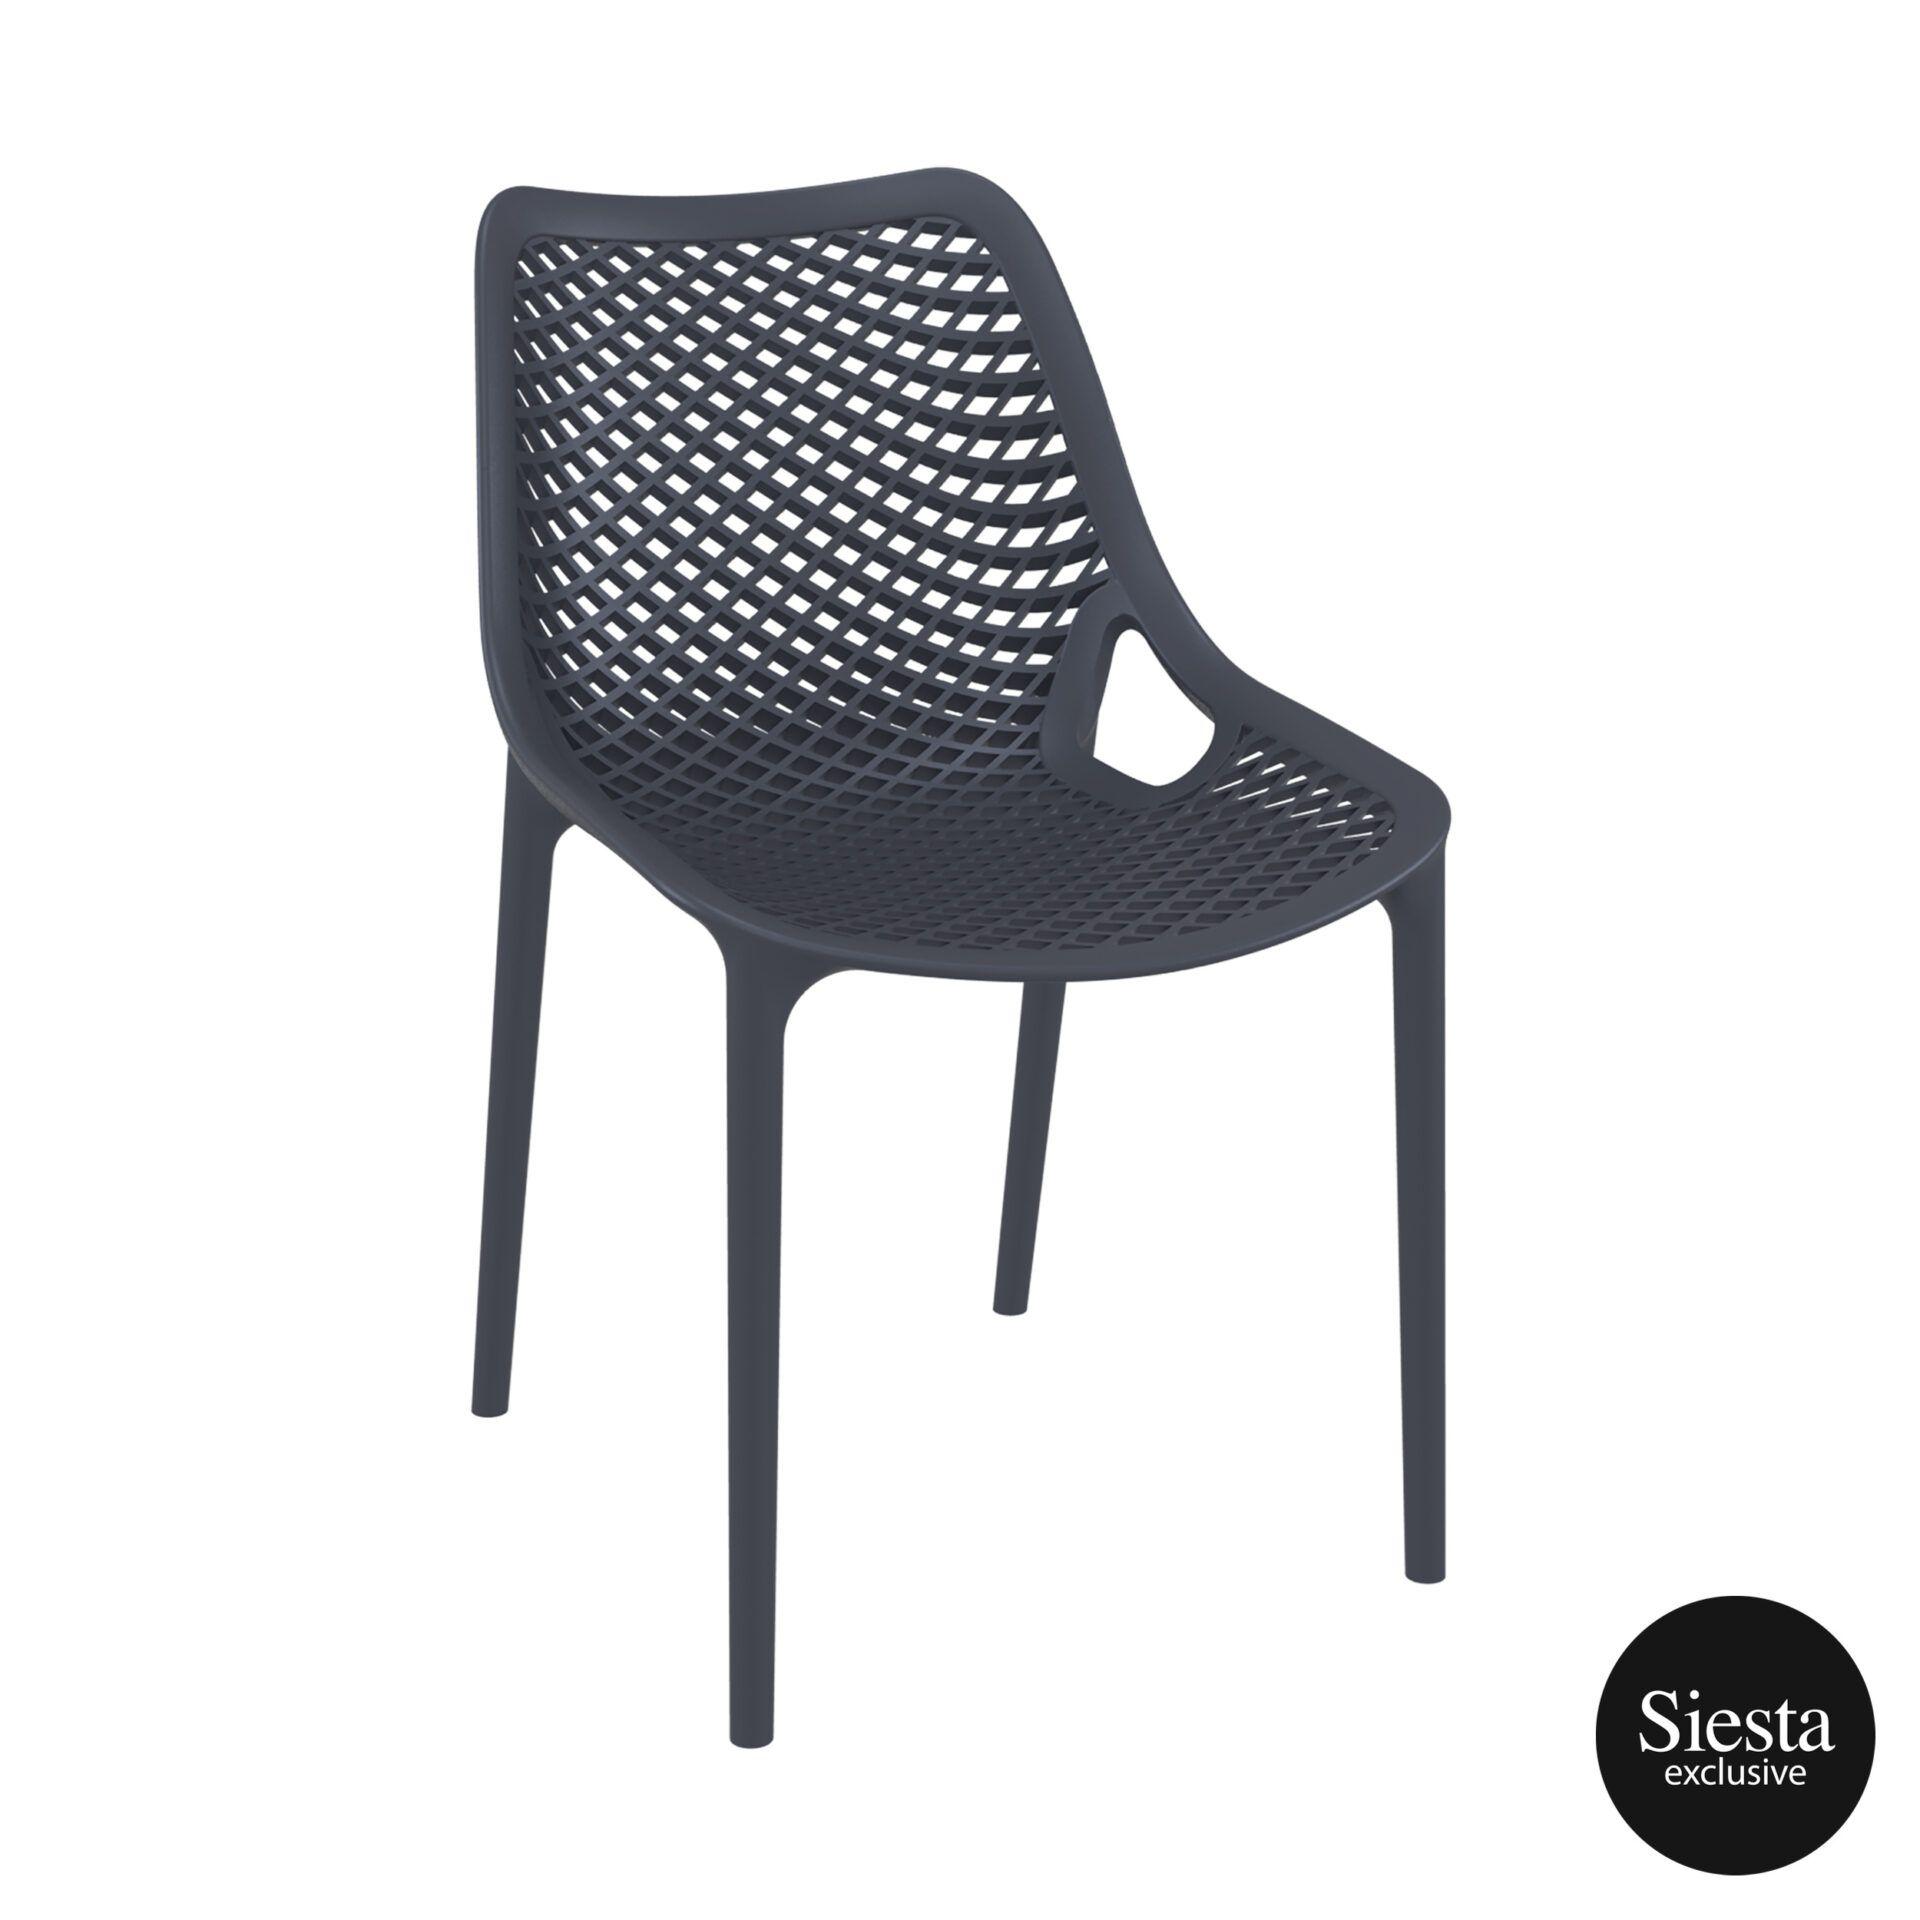 original siesta air chair darkgrey front side 1